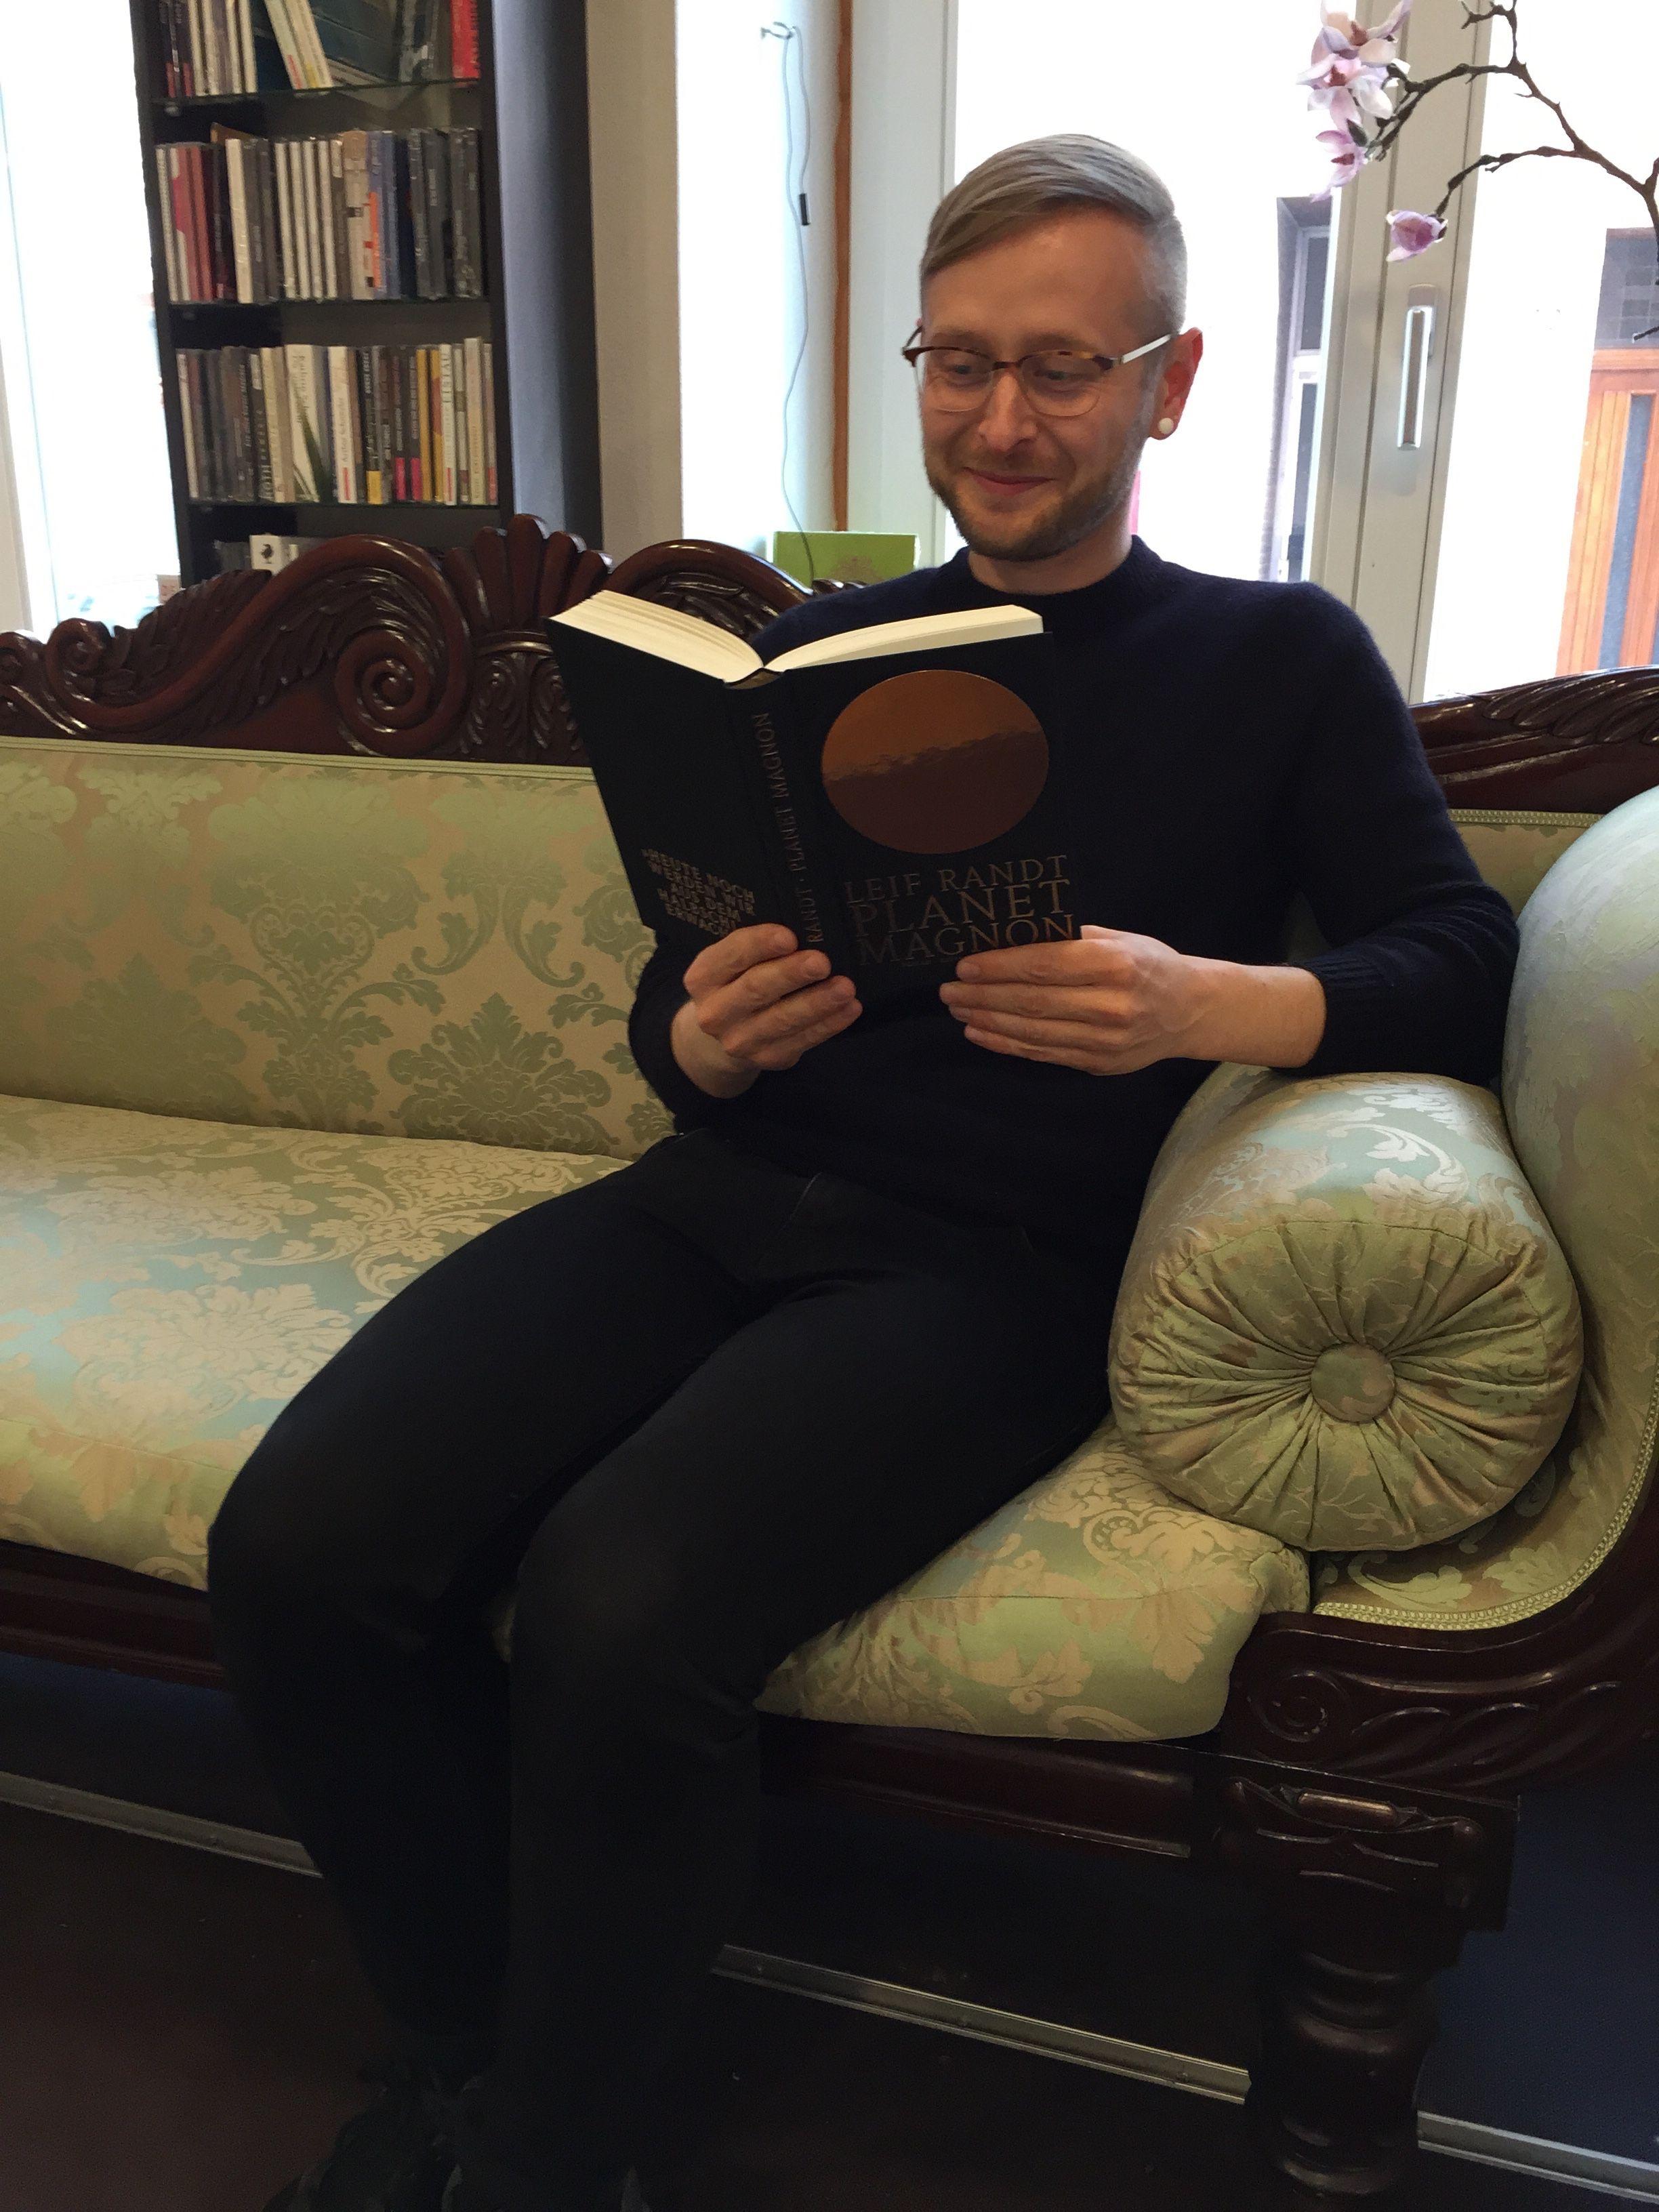 Fabian Klein liest Planet Magnon von Leif Randt